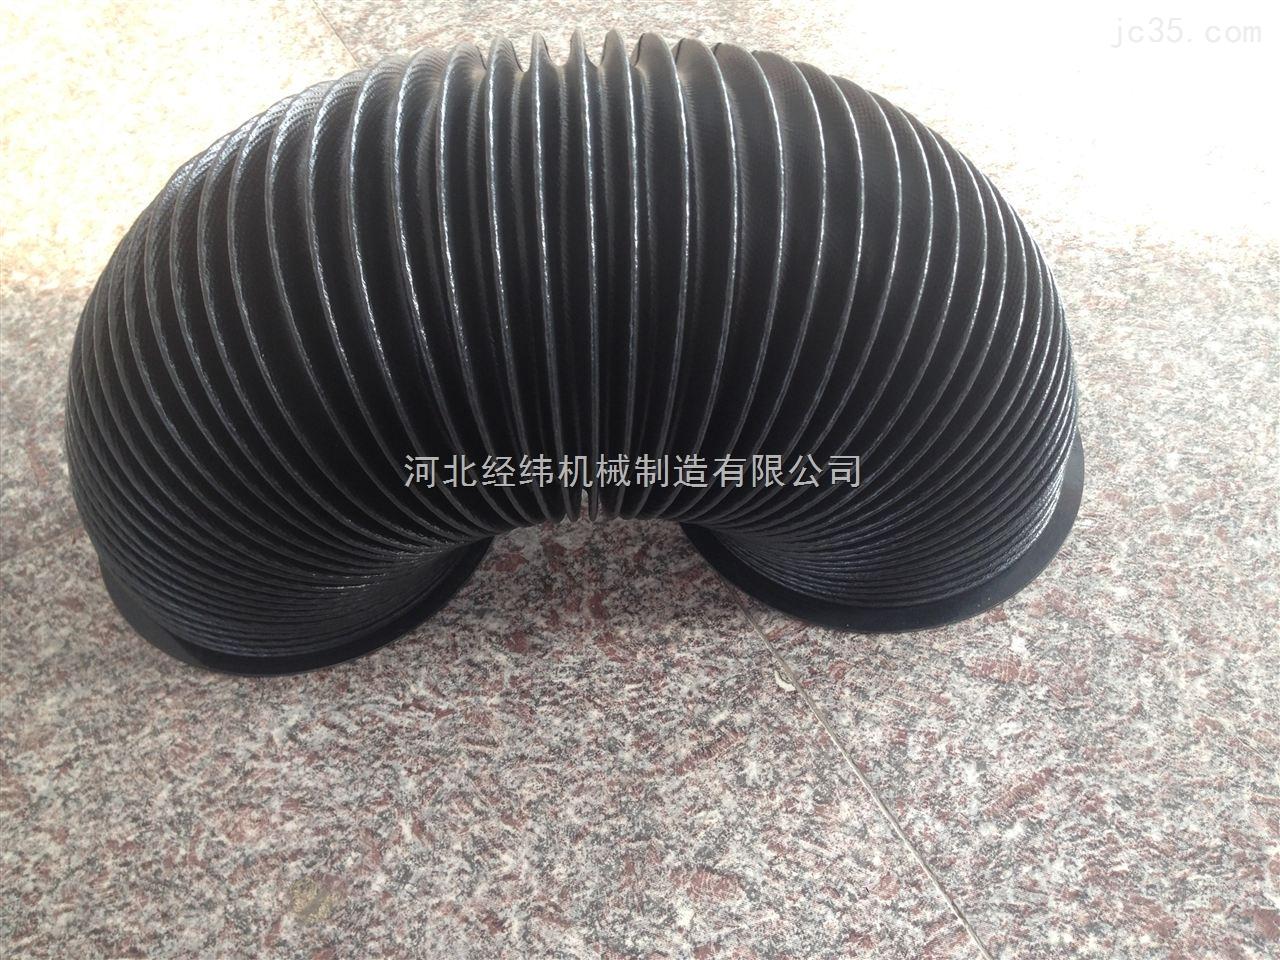 尼龙布材质圆形伸缩防护罩 丝杠保护套